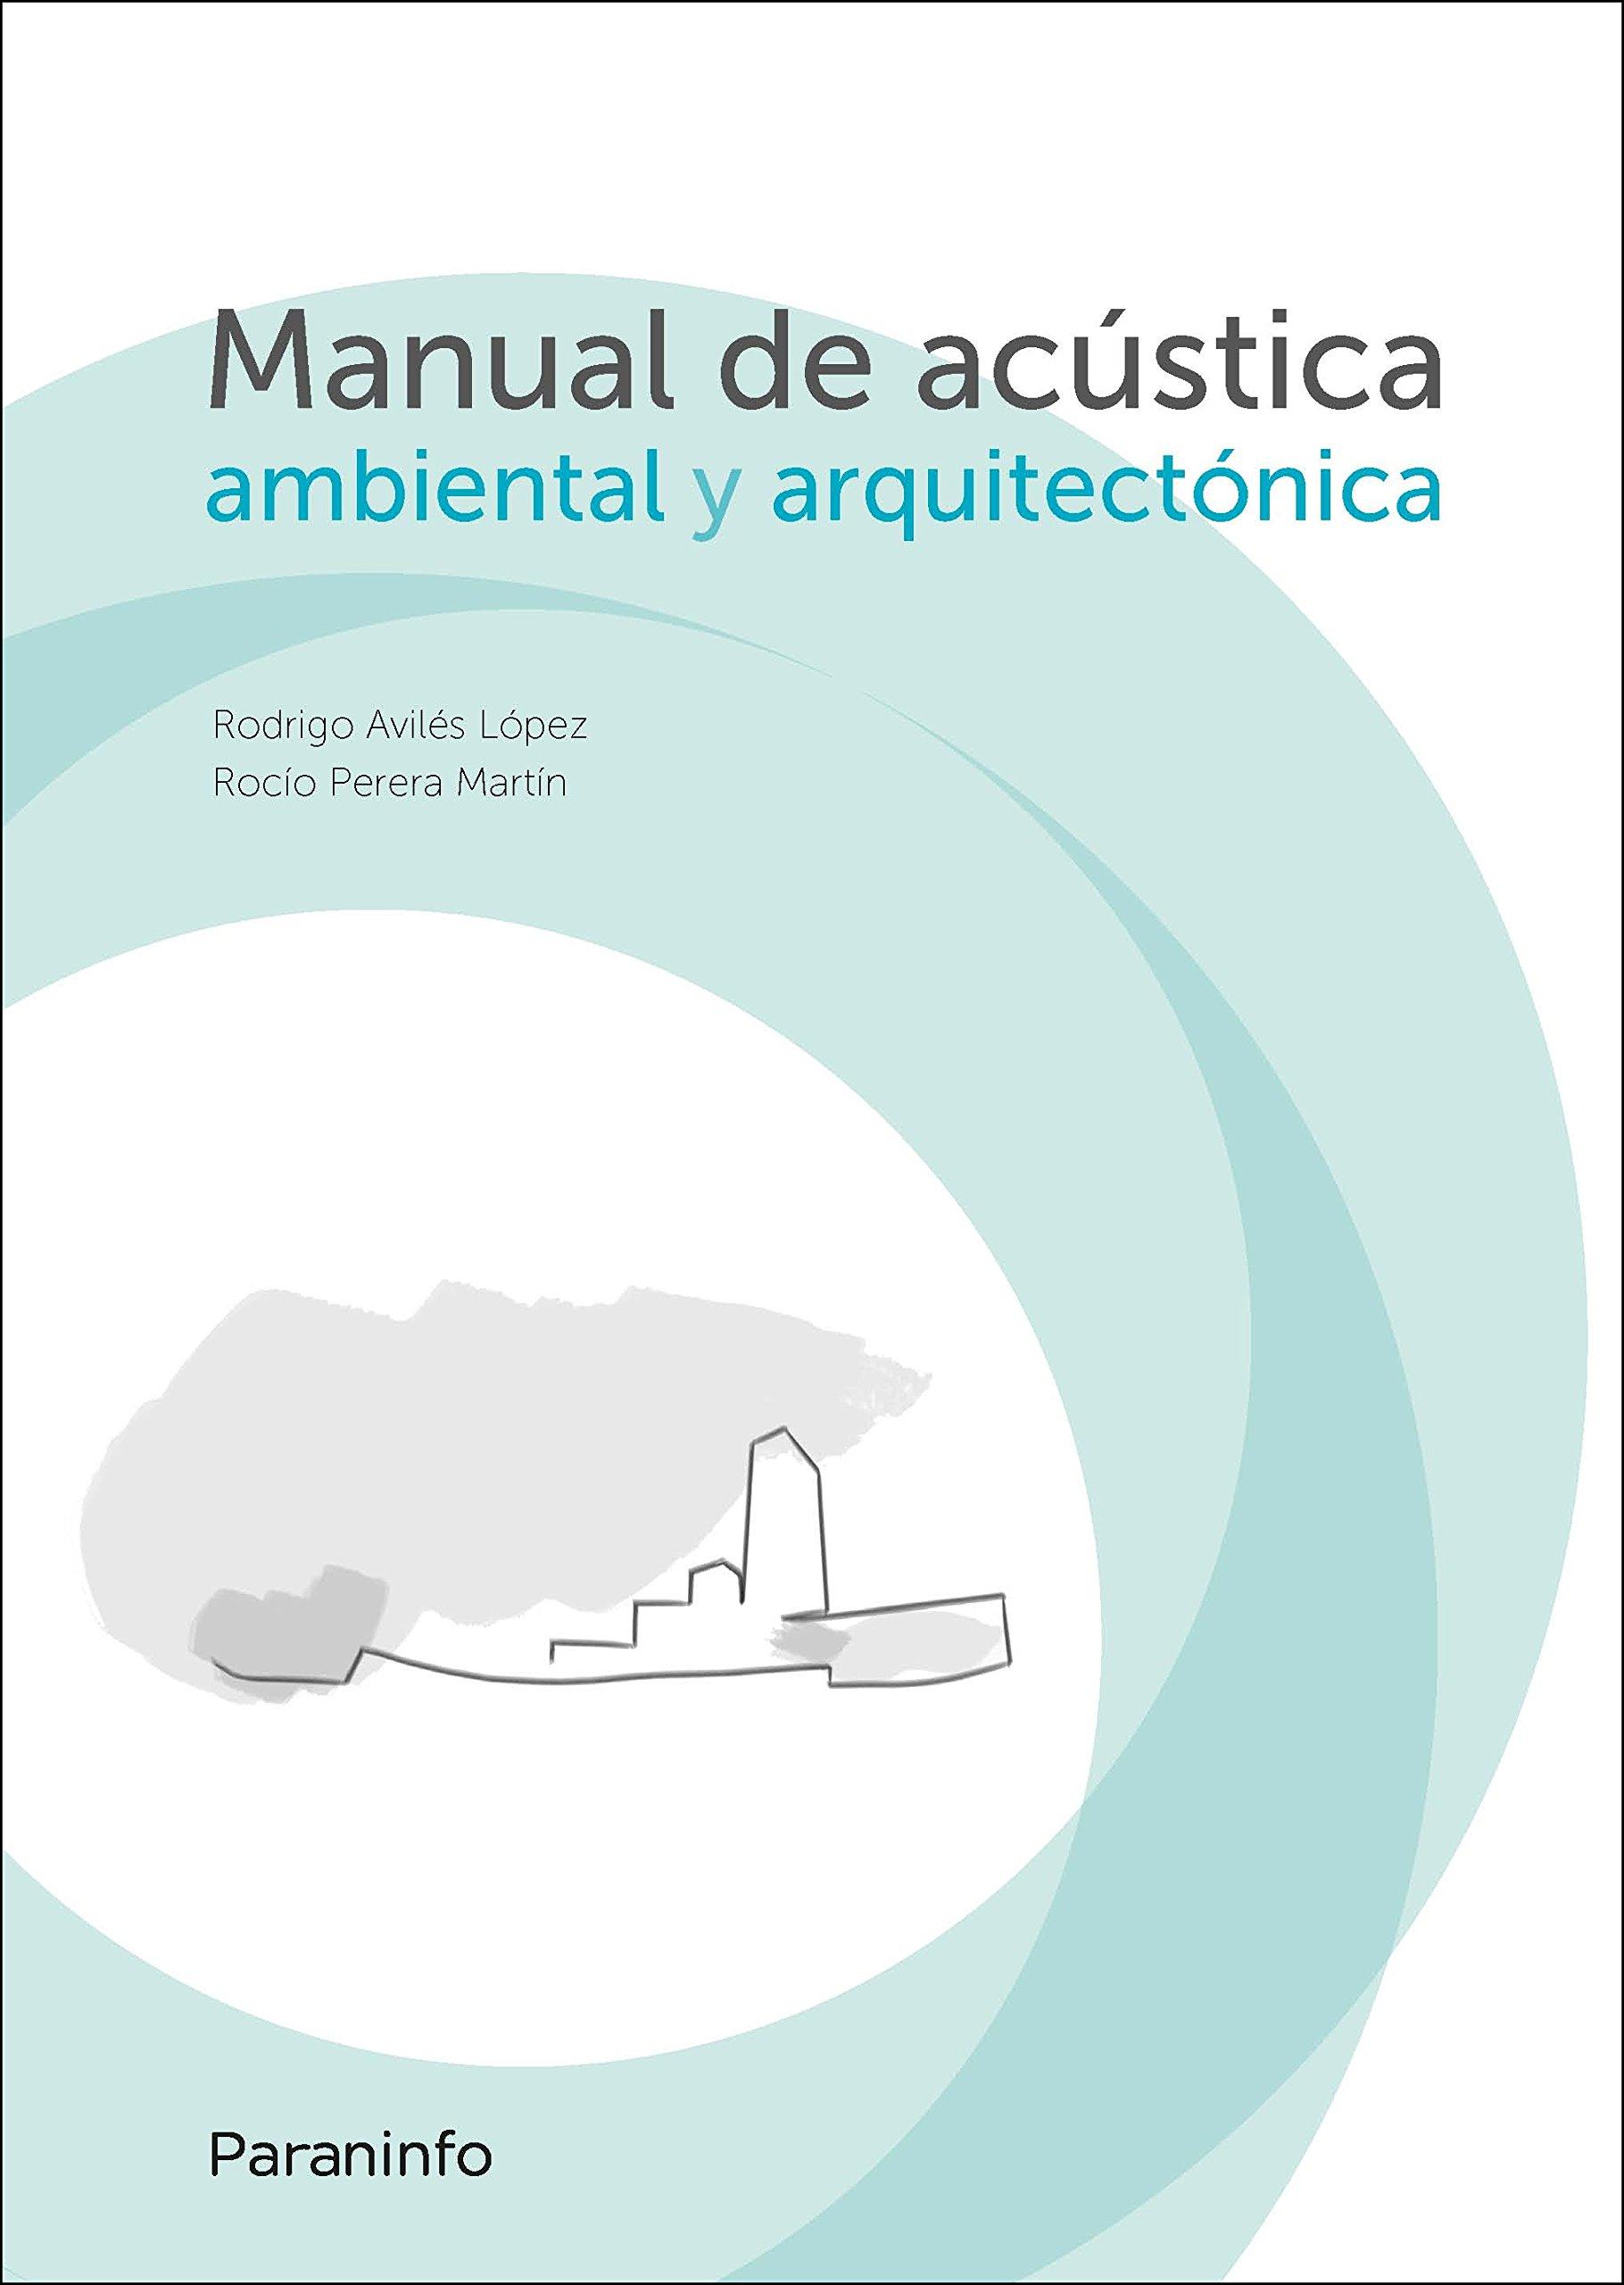 Manual de acústica ambiental y arquitectónica